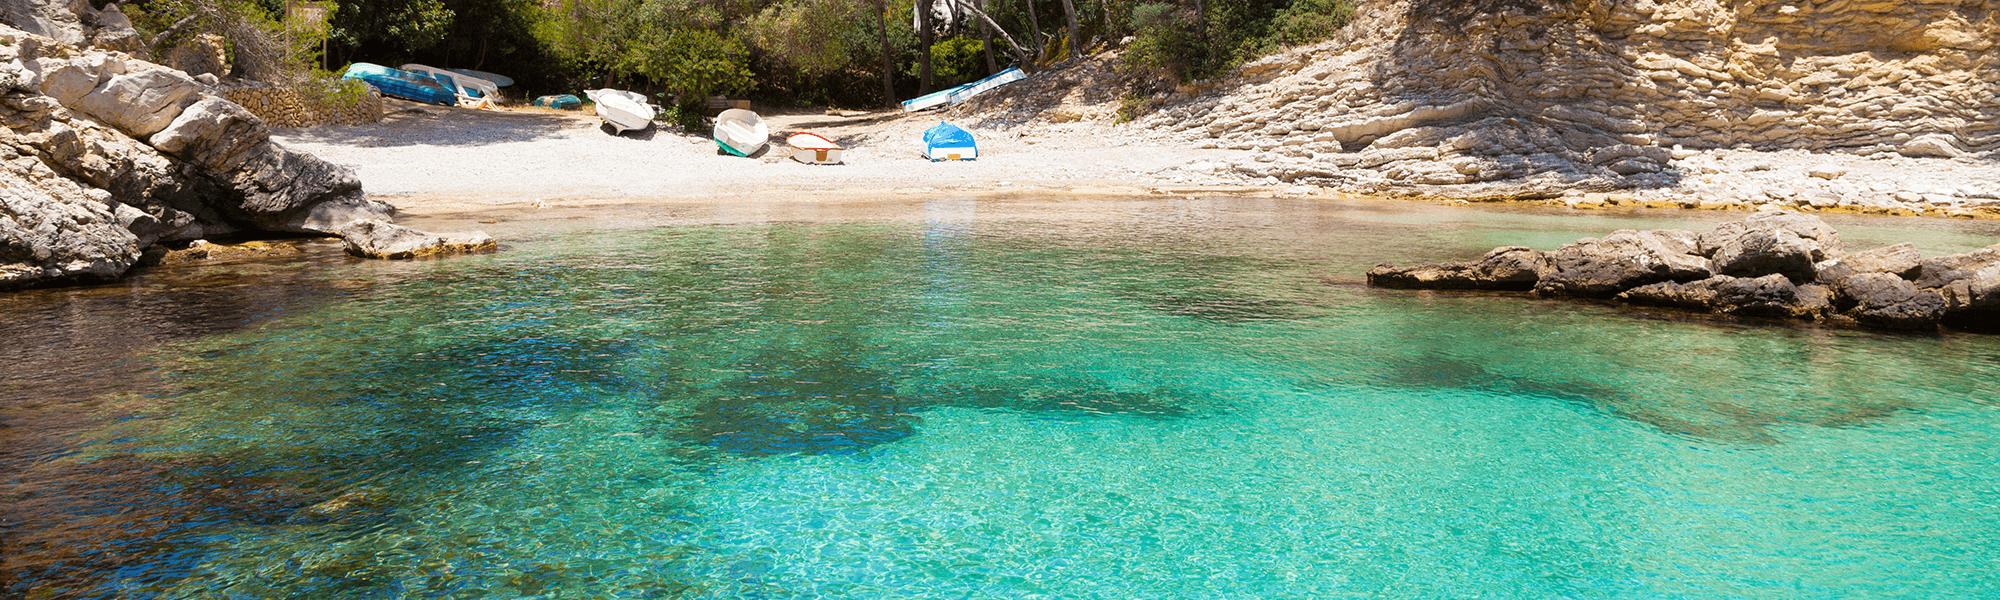 Cala-Fornells-Mallorca